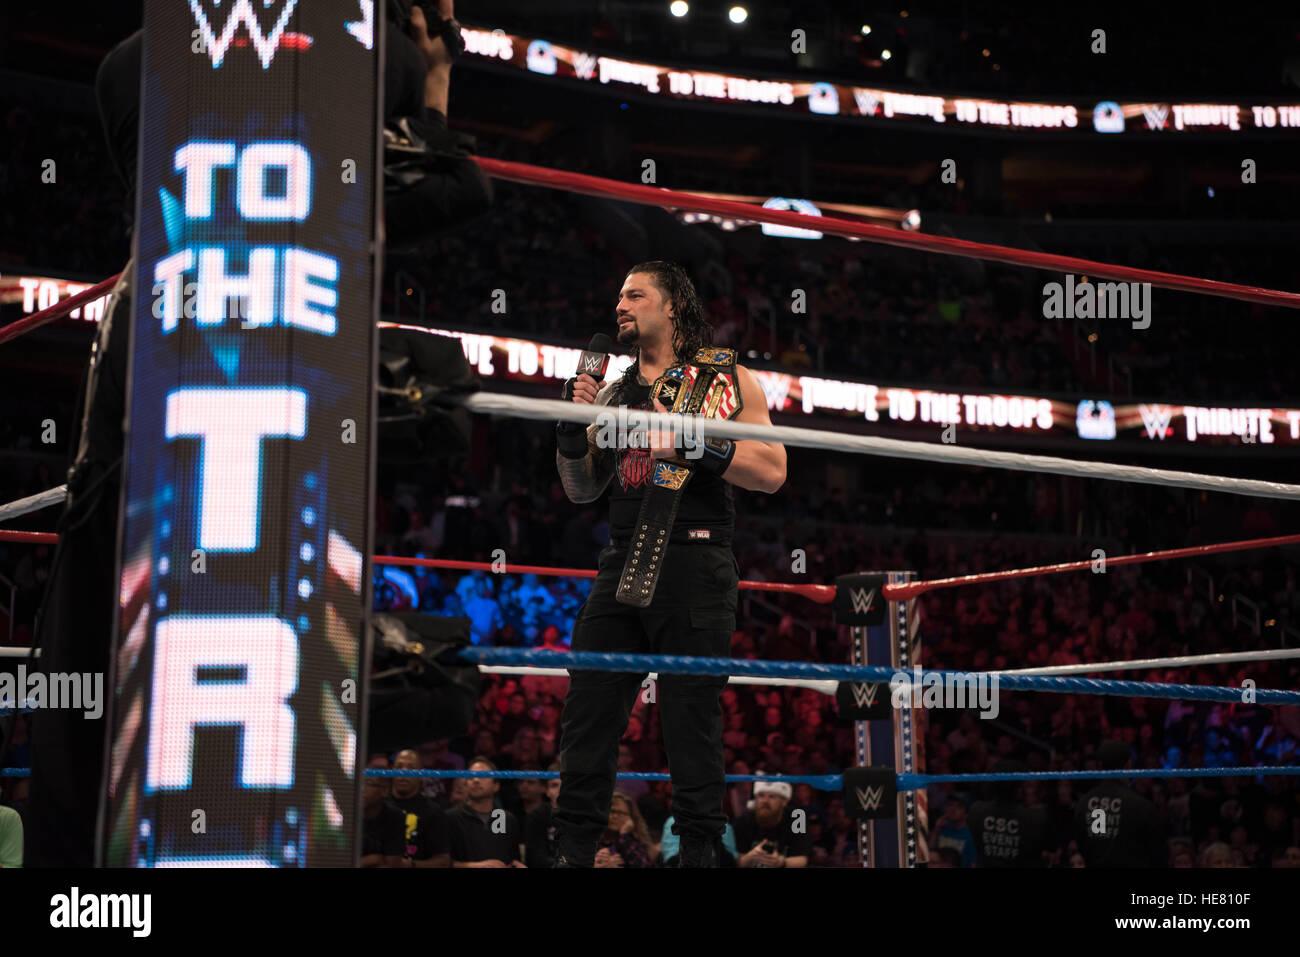 Artiste WWE Regins romaine se prépare pour un match de lutte au cours de la 14e Conférence annuelle de Photo Stock